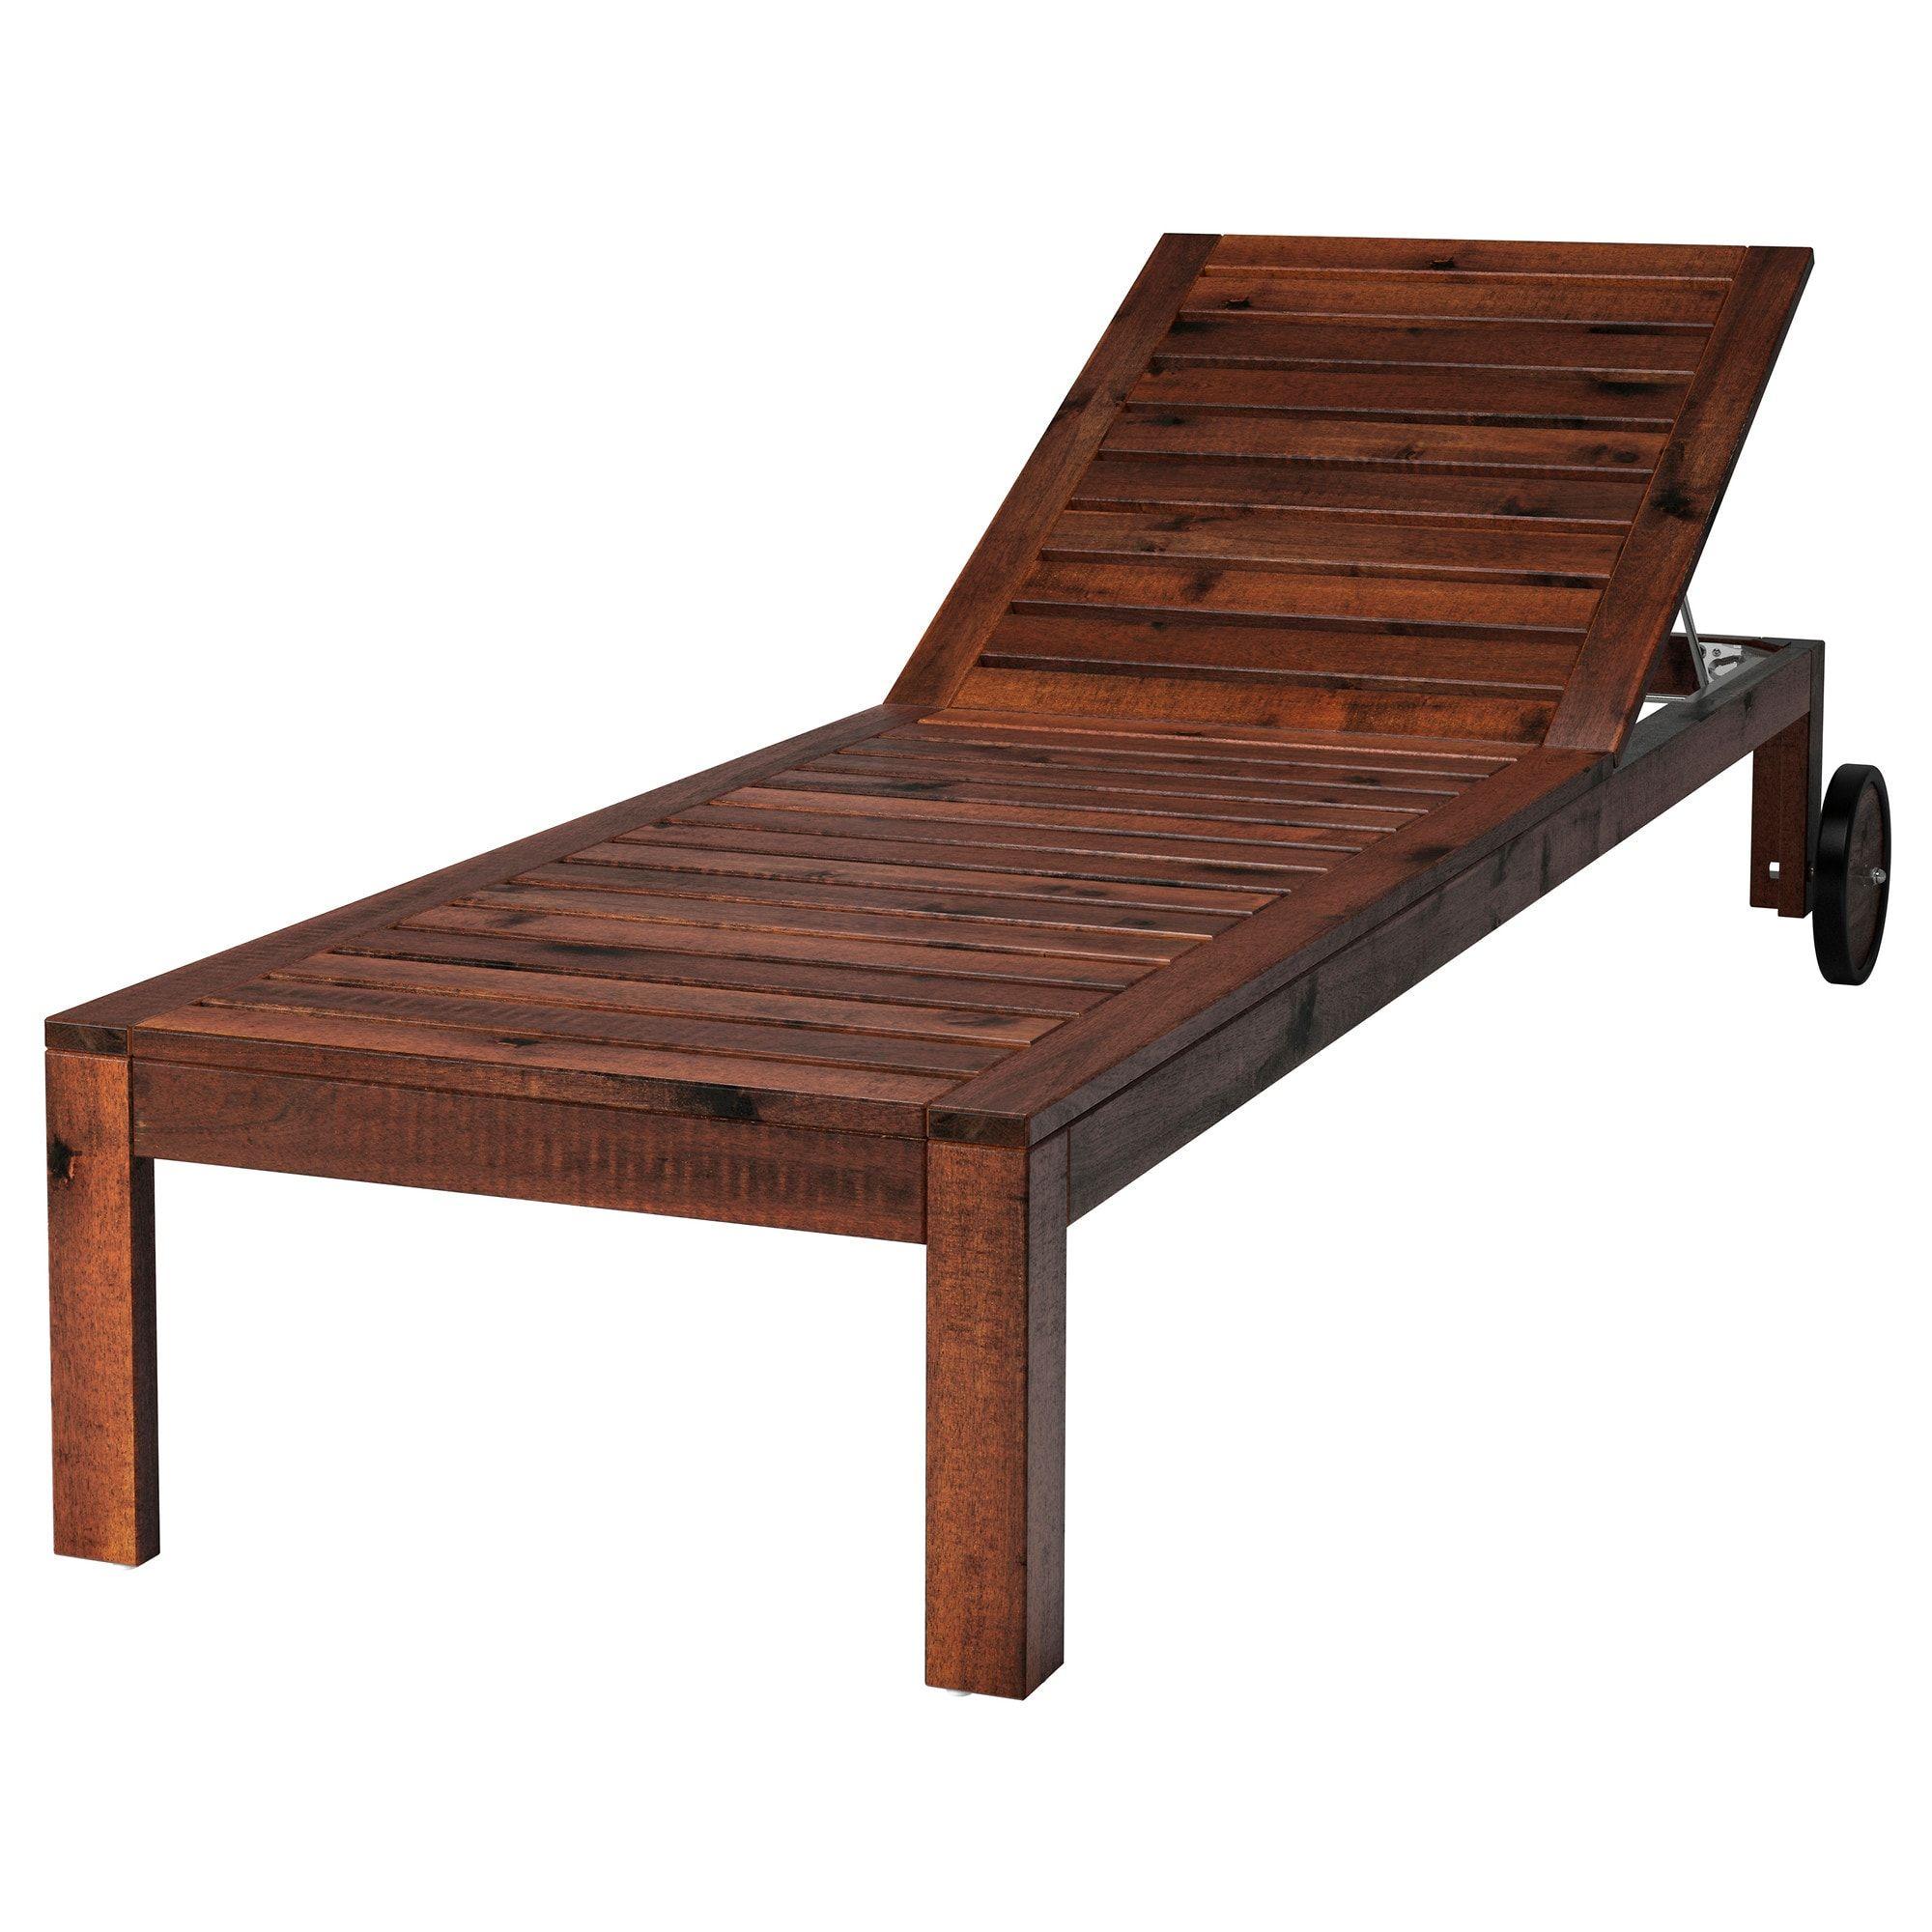 62773a24a0aea Bain de soleil amovible en bois Porto brun